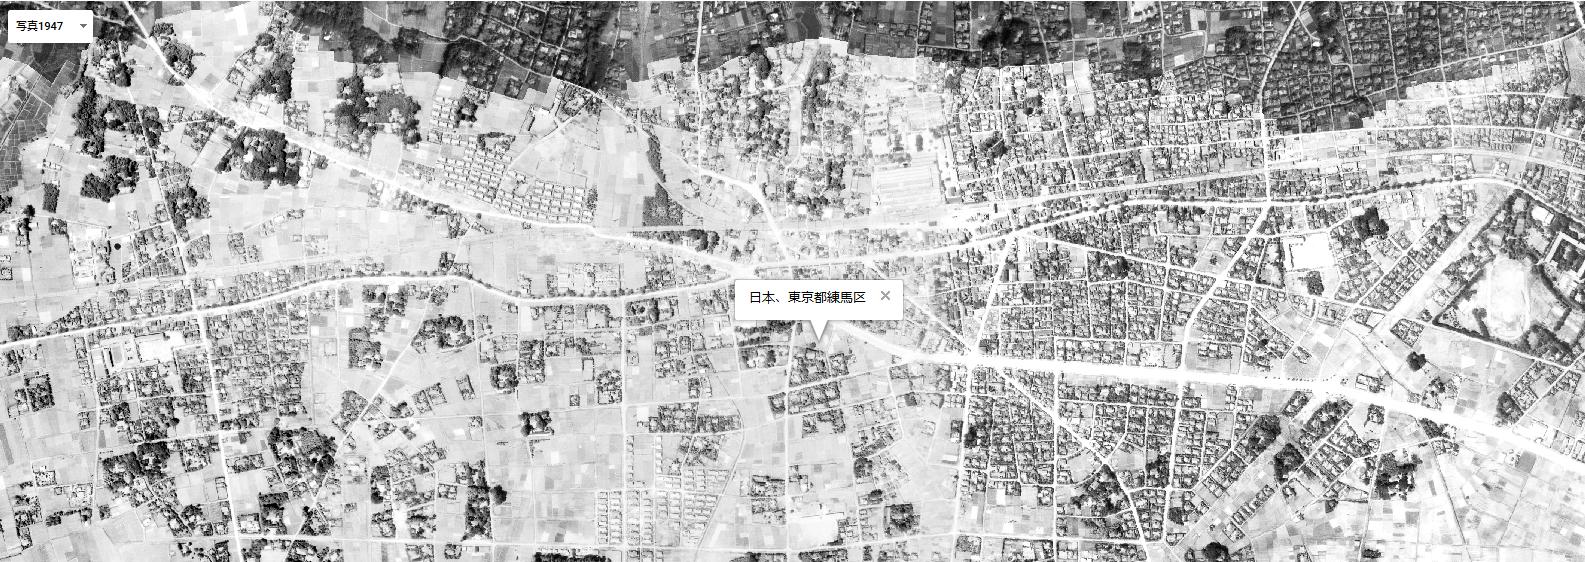 1947年(昭和22年)練馬区周辺の地図